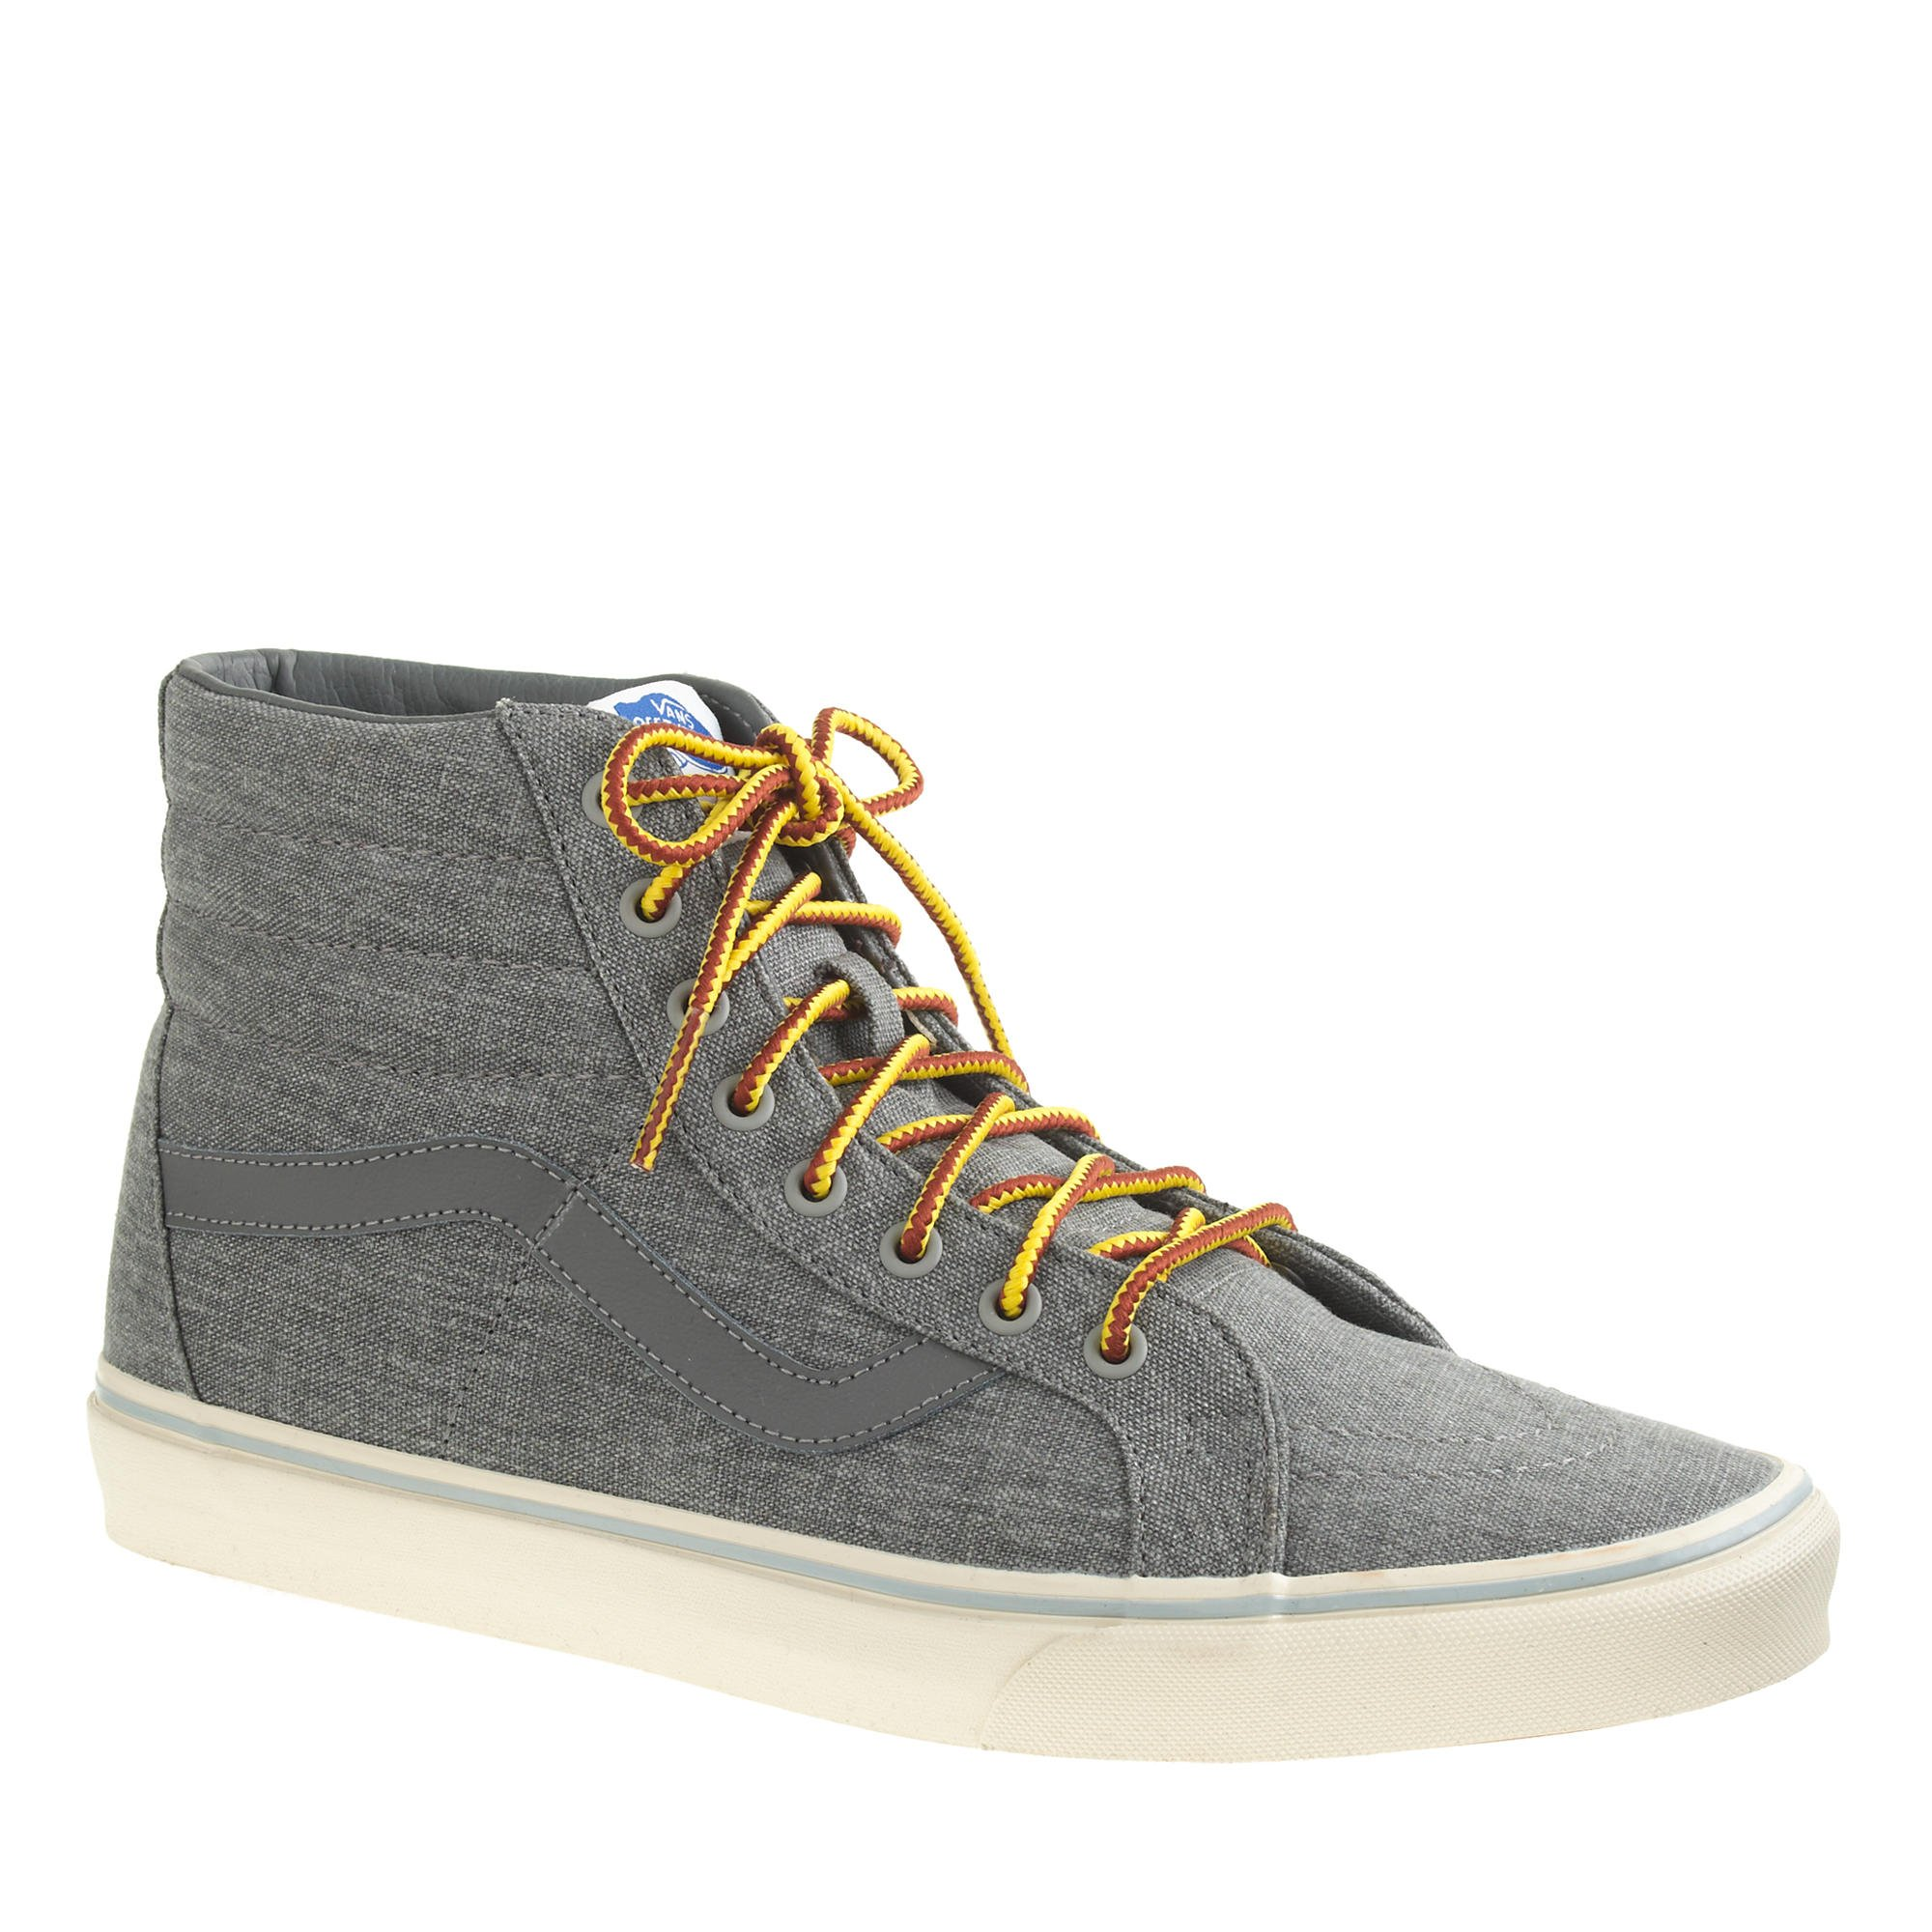 27fad0b9880b96 Lyst - J.Crew Men s Vans Sk8-hi Reissue Sneakers in Gray for Men